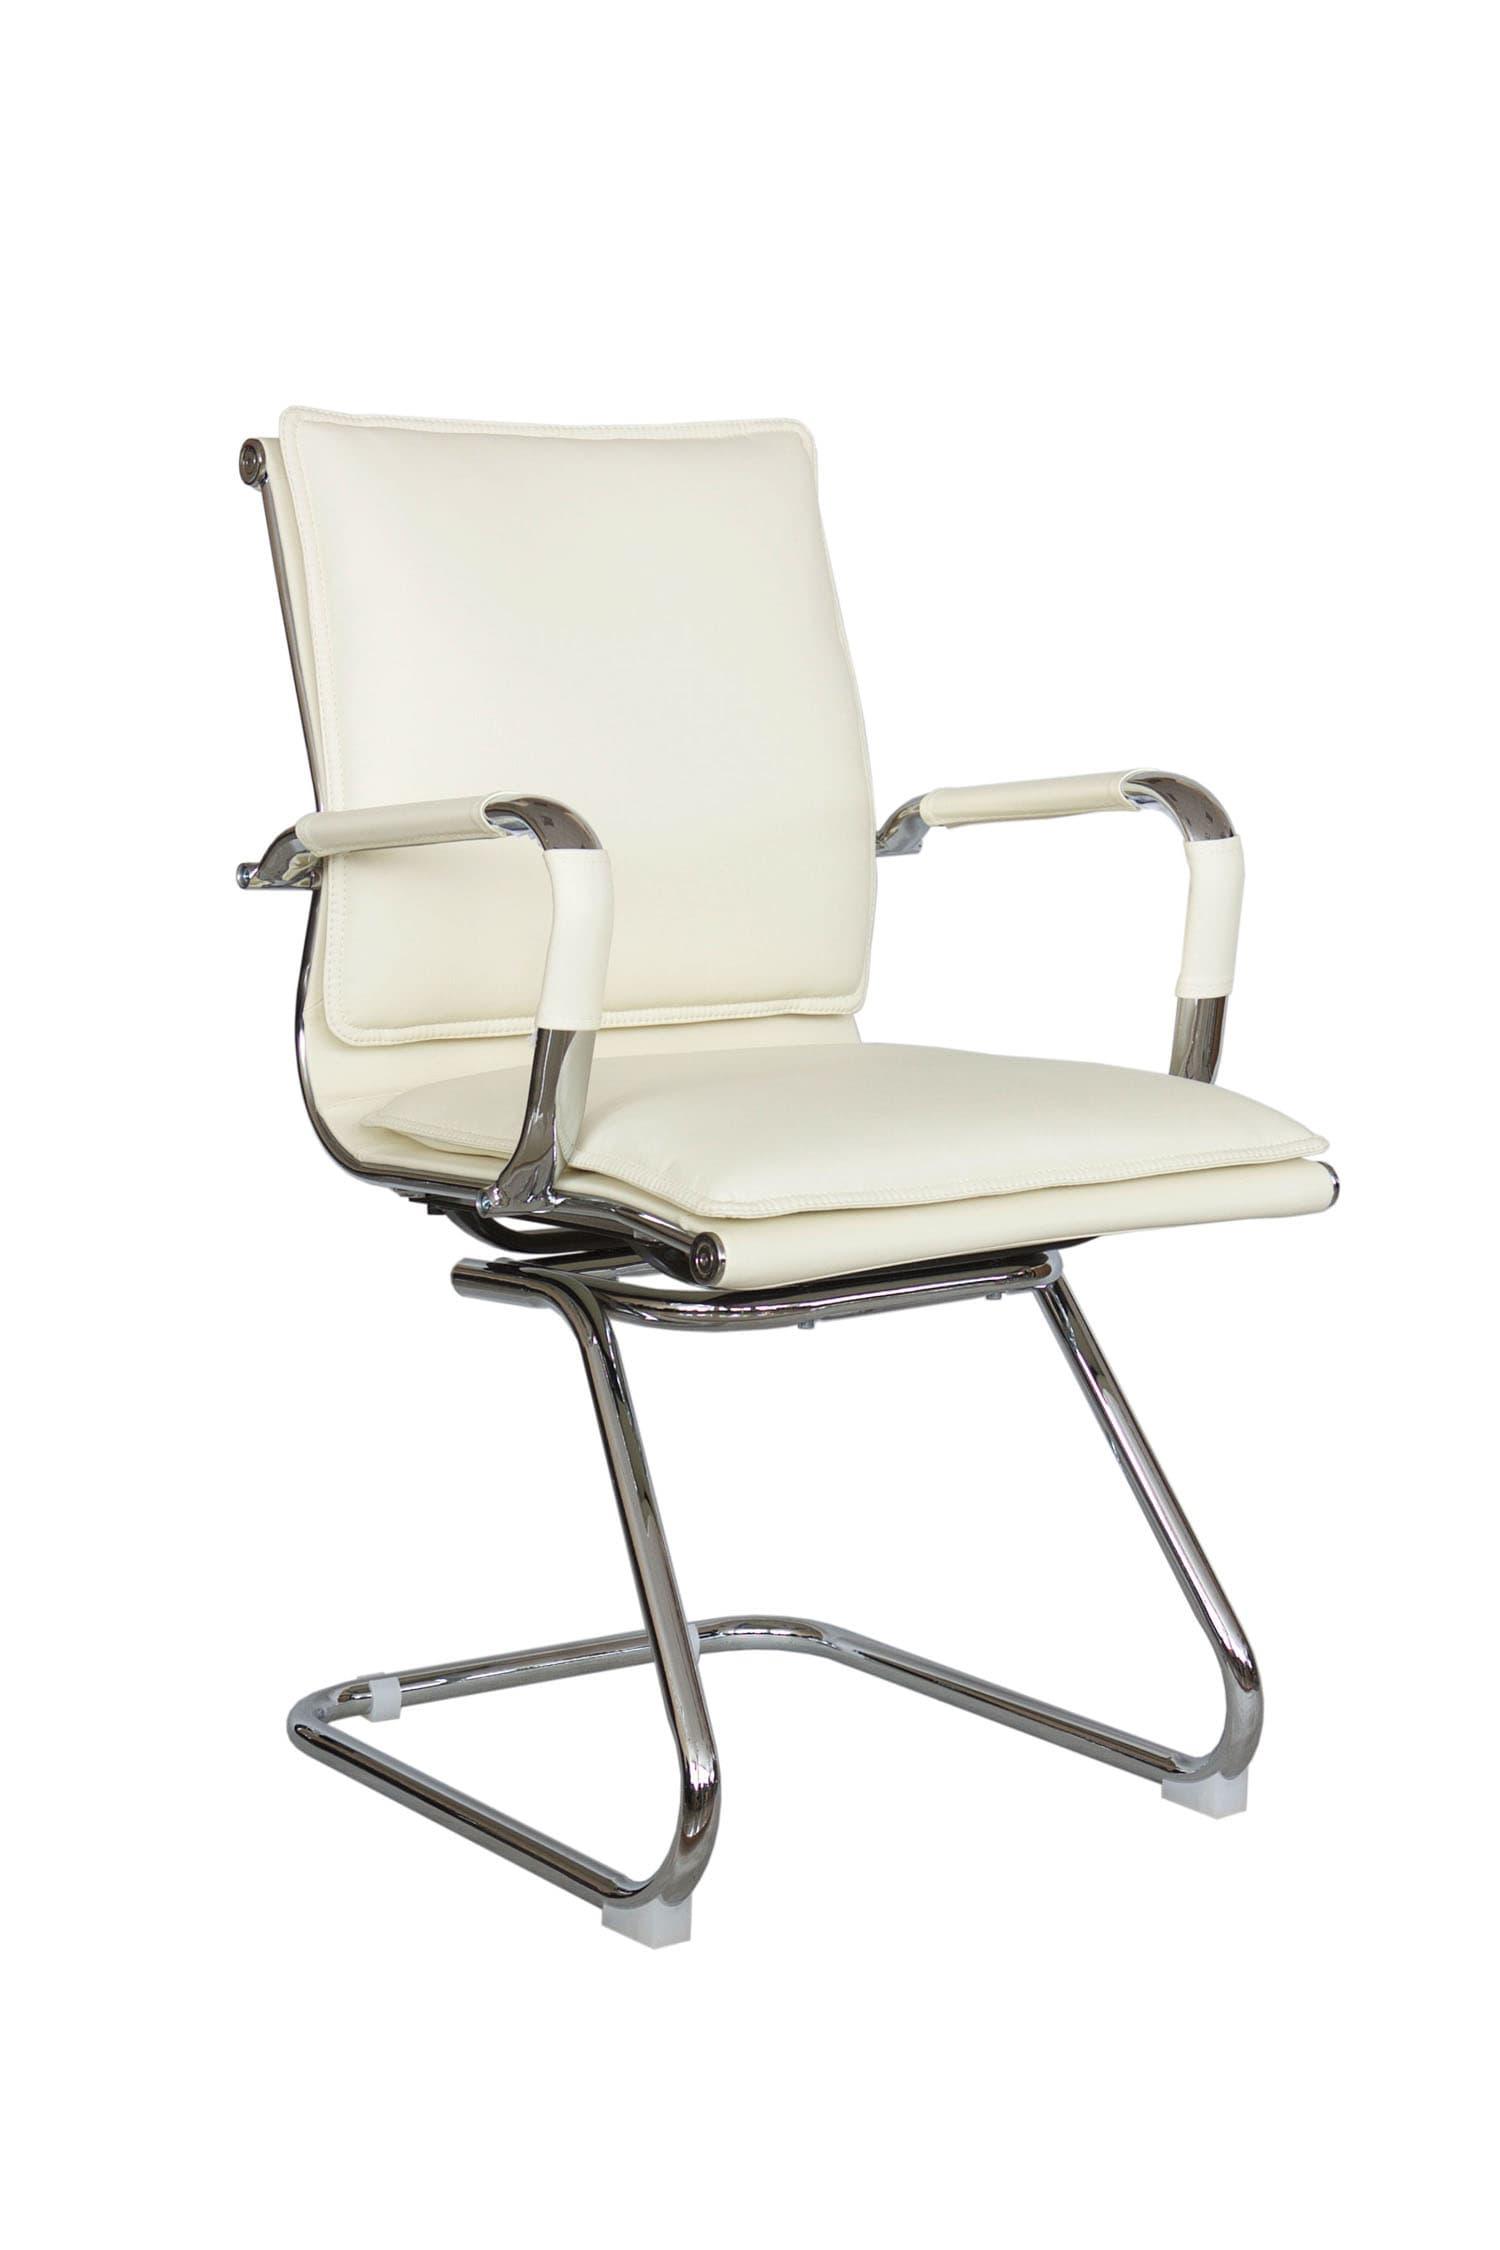 Конференц кресло с подлокотниками Riva Chair 6003-3 Бежевый цвет, эко-кожа